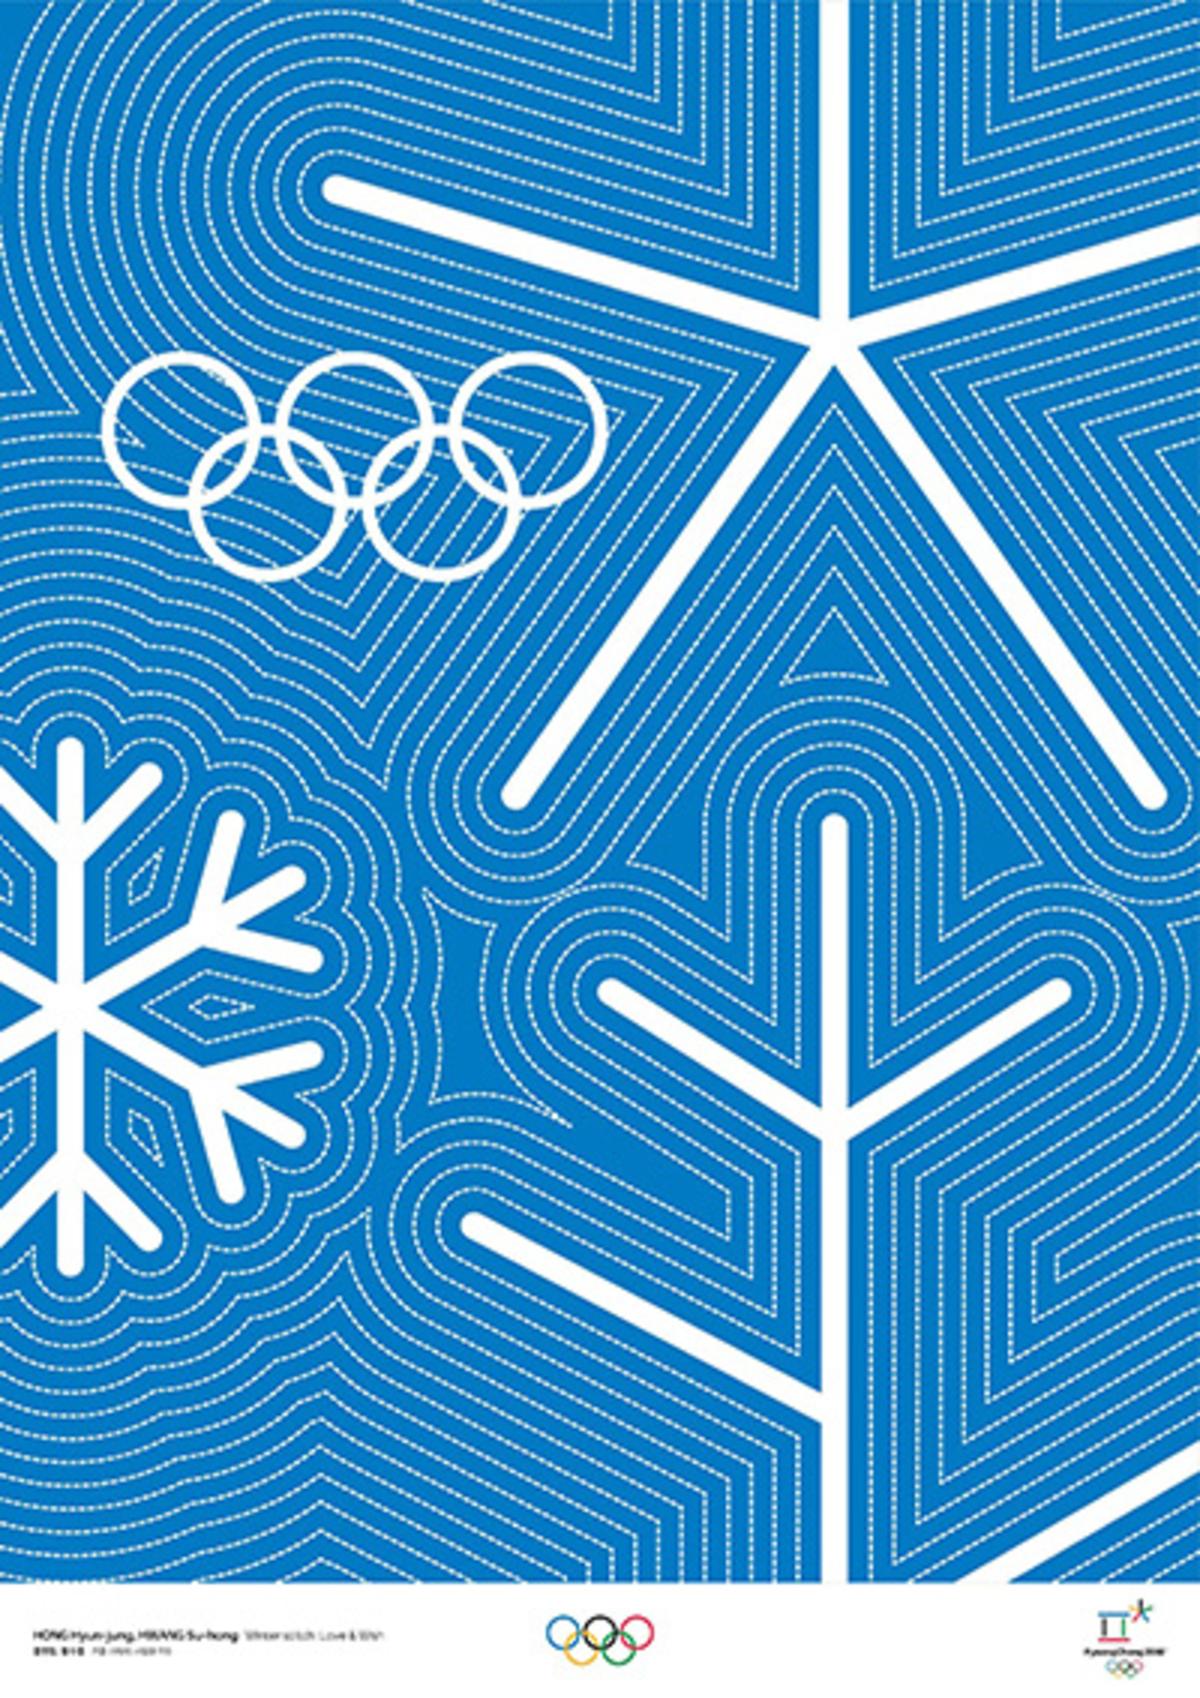 Plakat med grafisk illustrasjon i blått og hvitt av snøkrystaller etc.